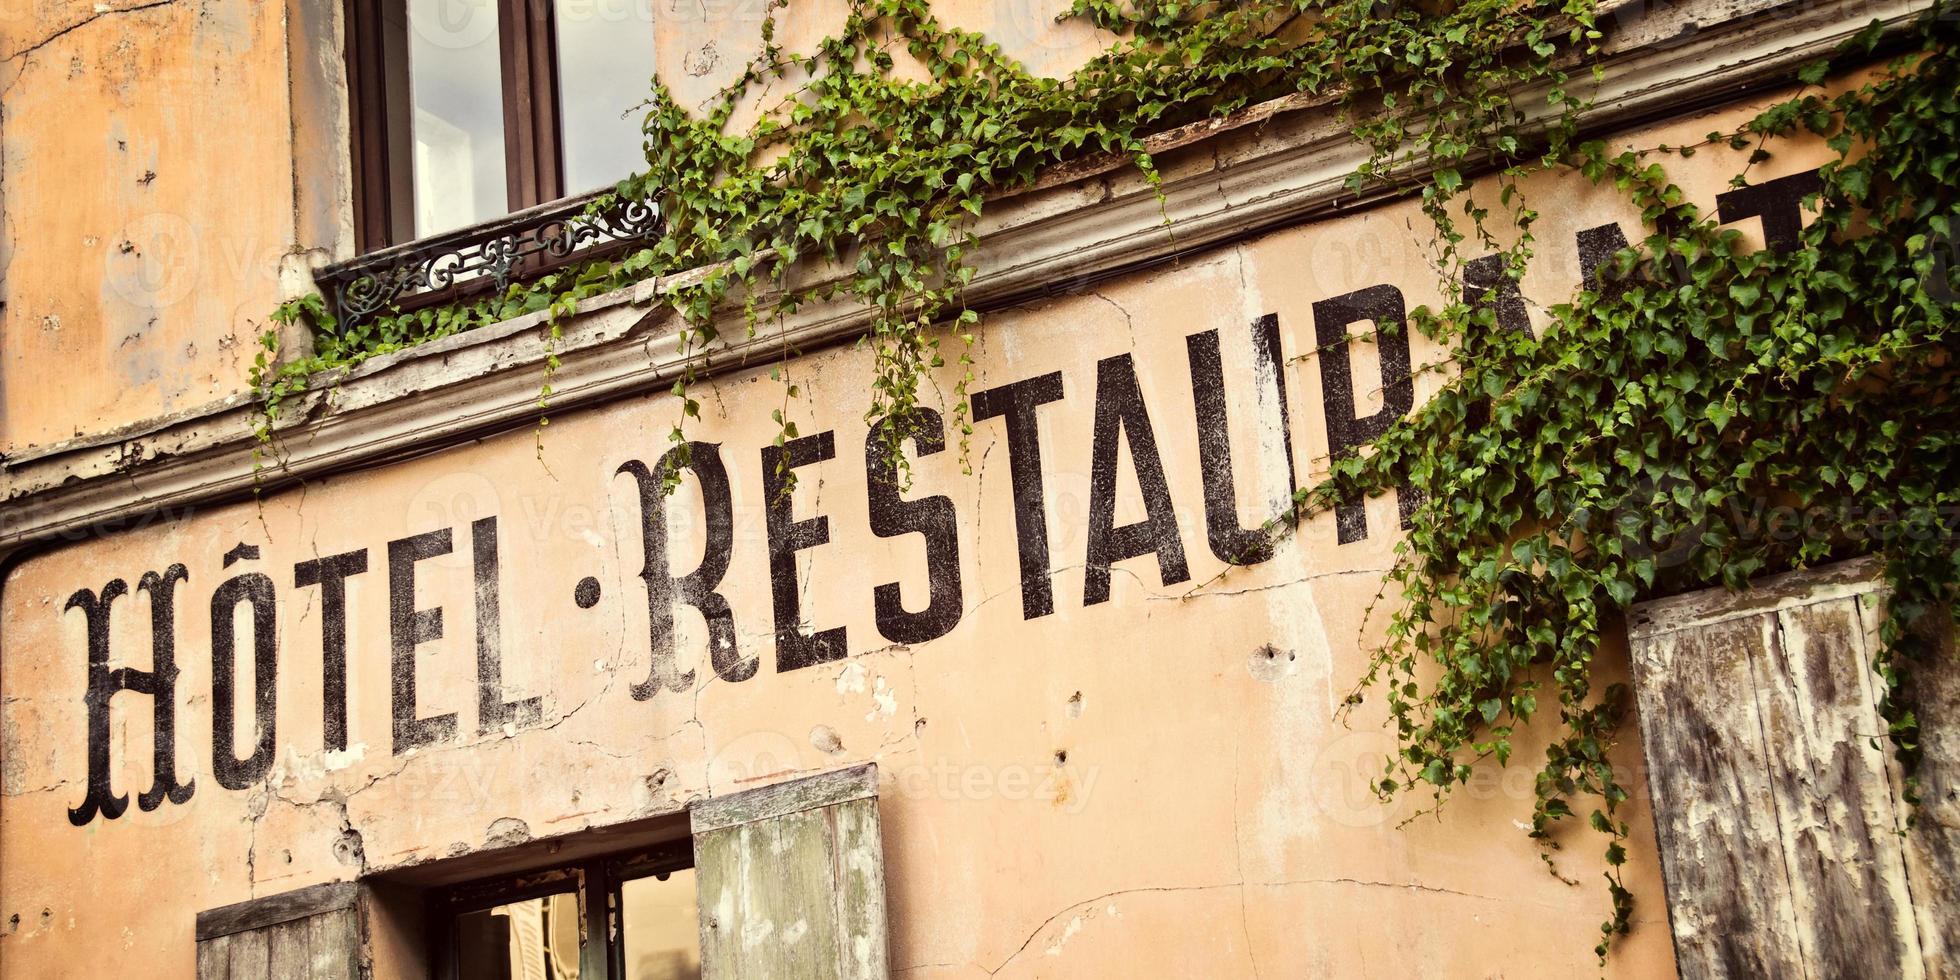 vintage Frans hotelteken geschilderd op een oud huis foto